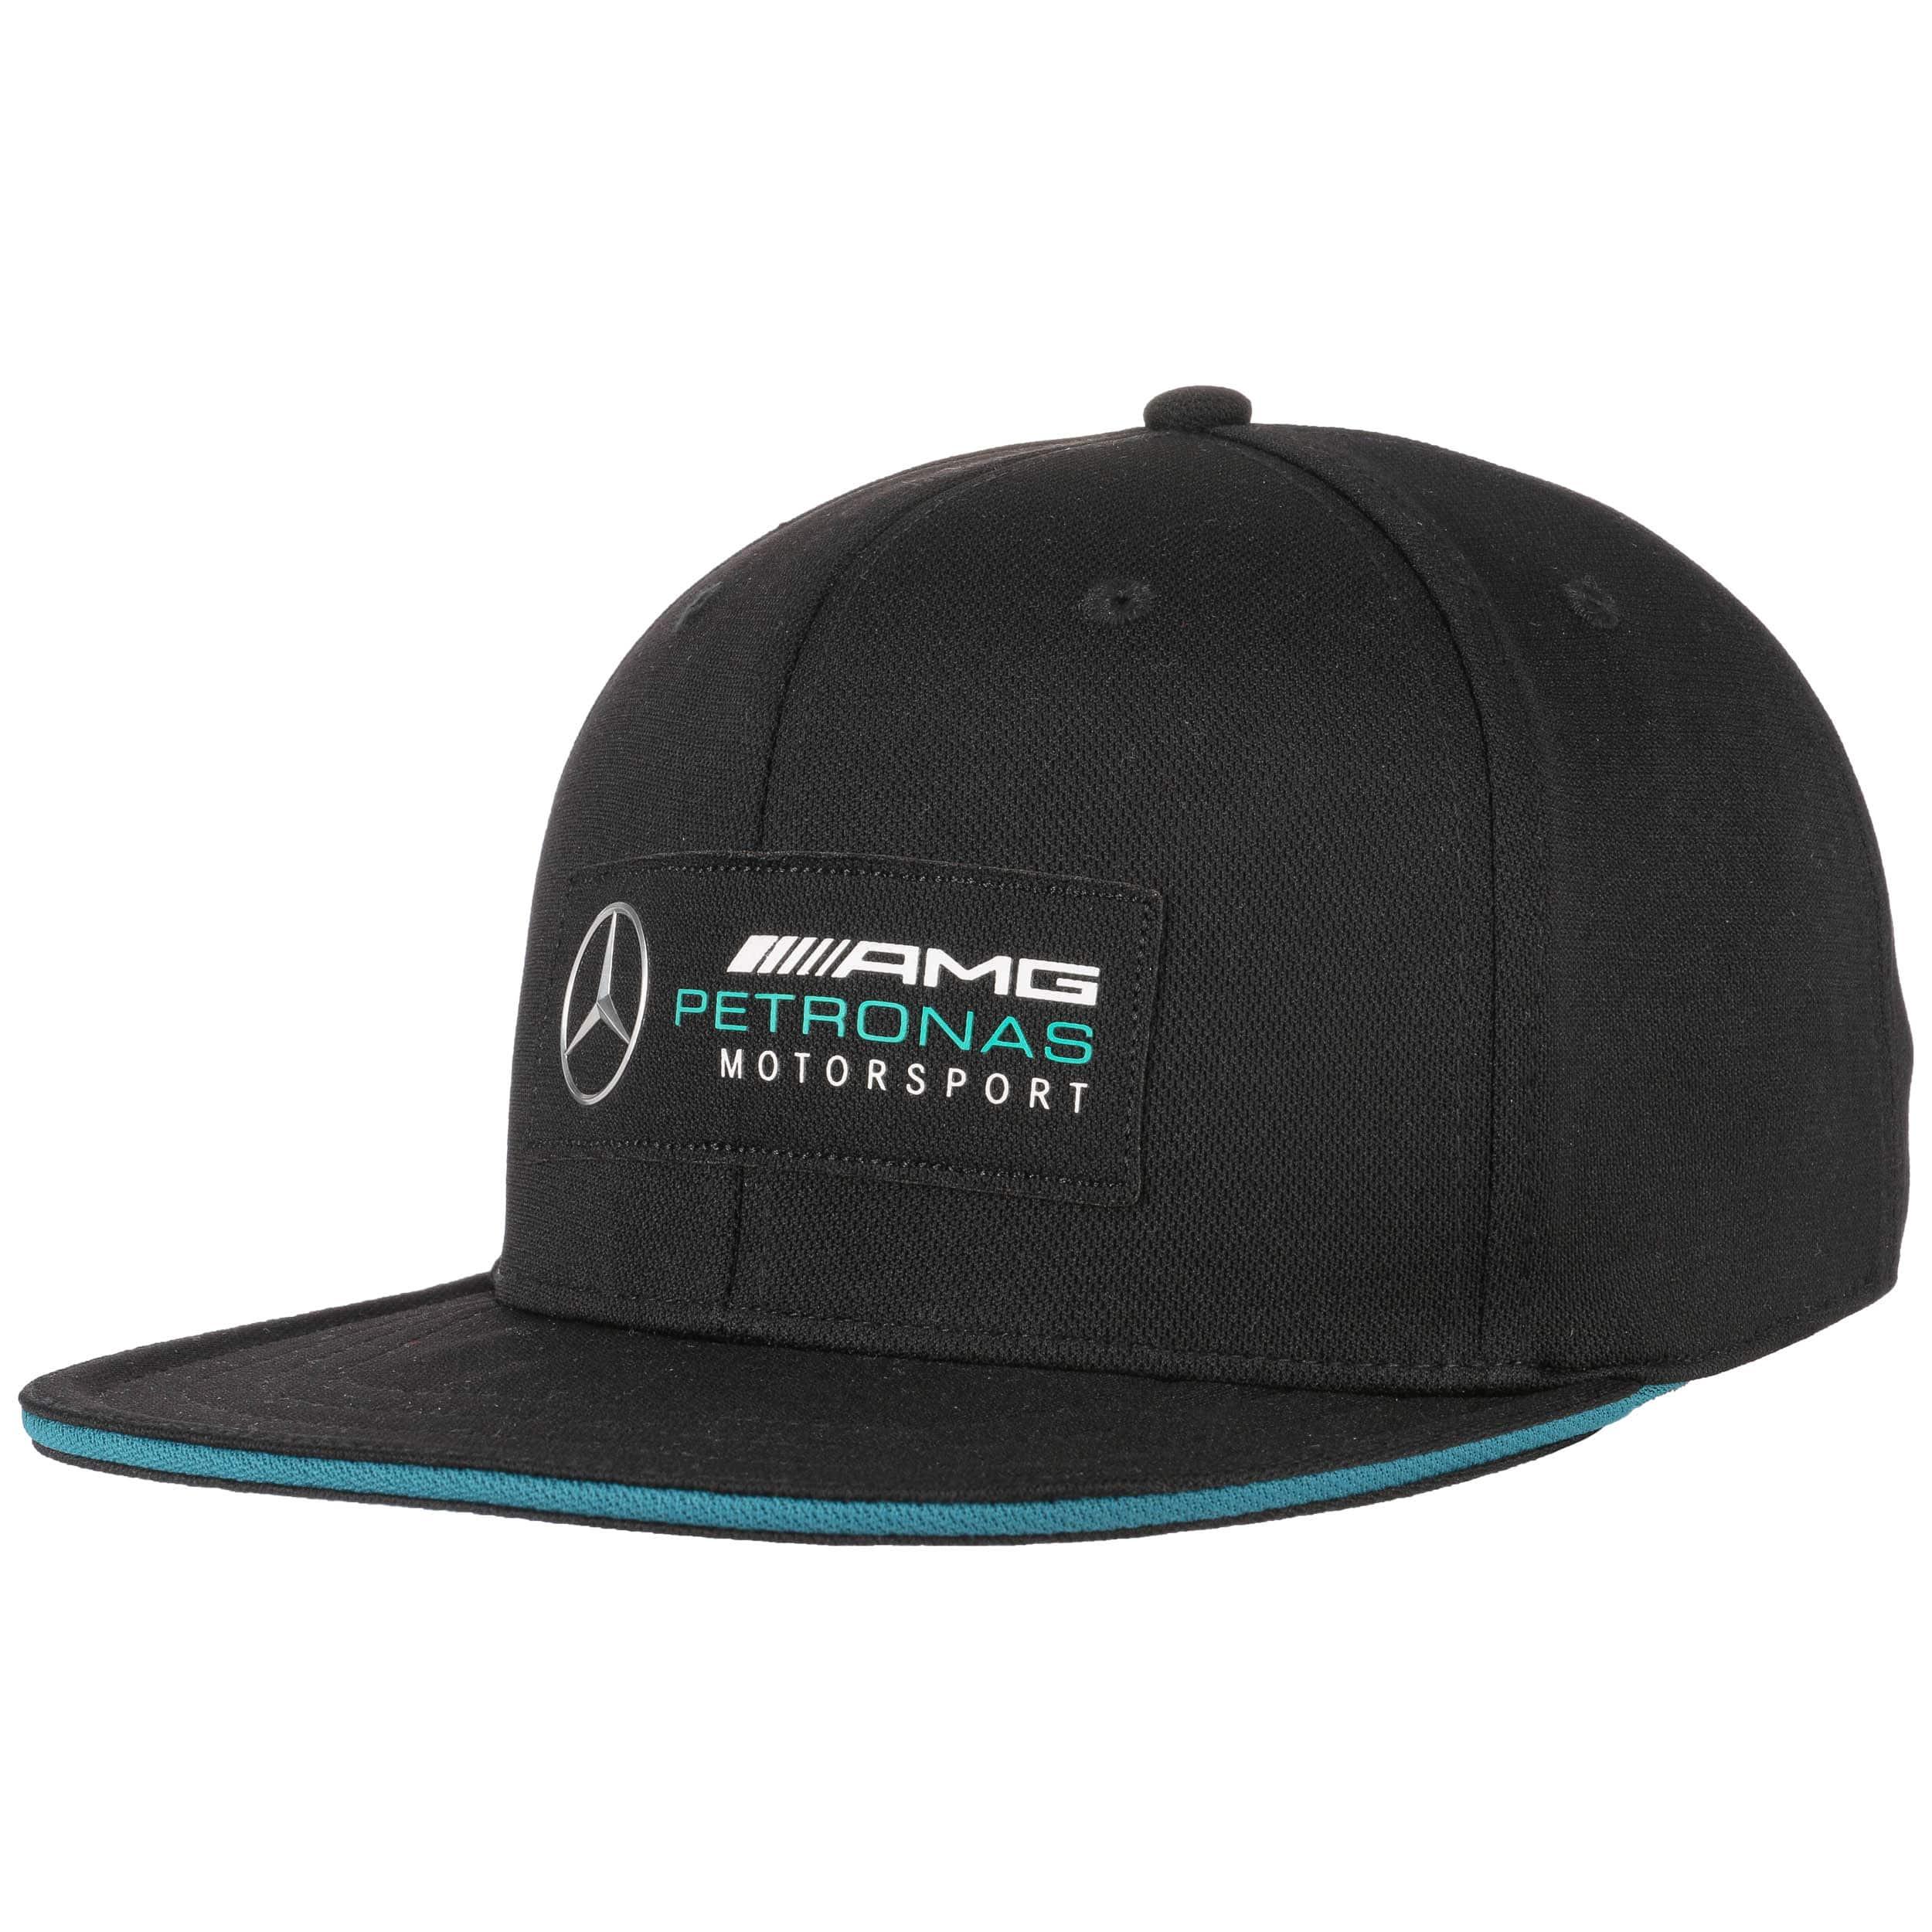 ... Mercedes AMG Petronas Flat Brim Cap by PUMA - black 5 bde773ab4727